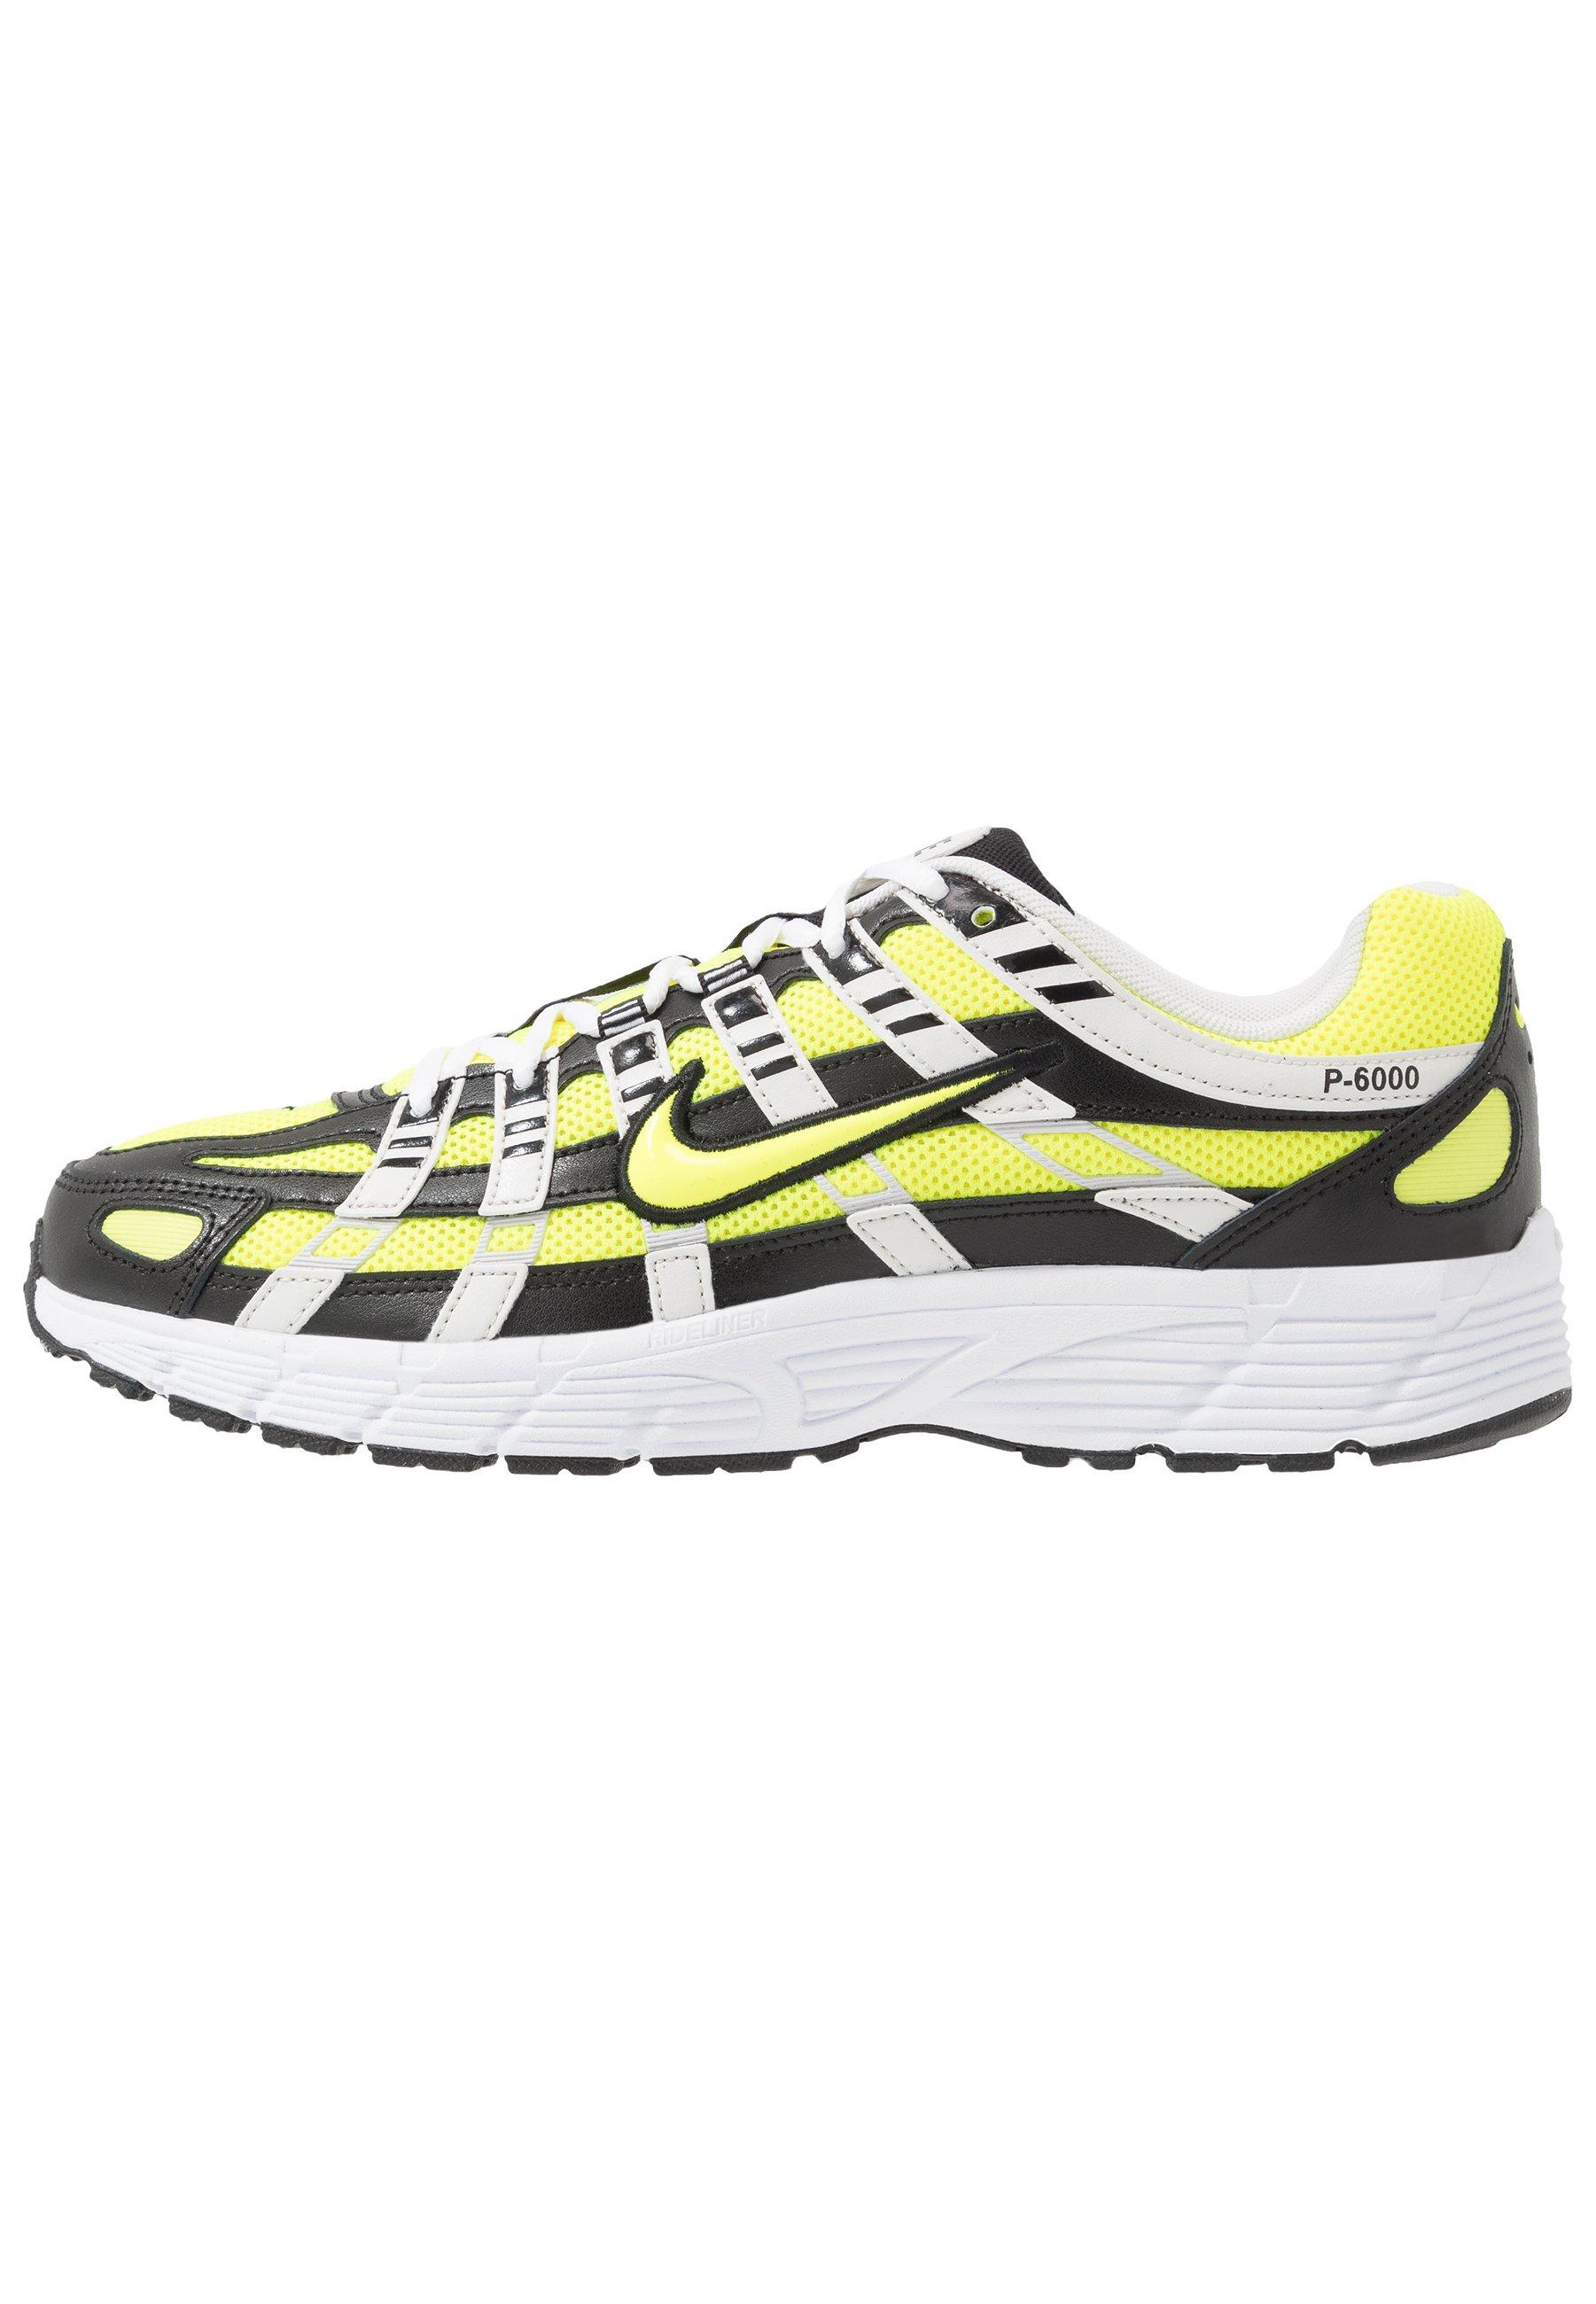 Chaussures de tennis de table : quel modèle acheter au